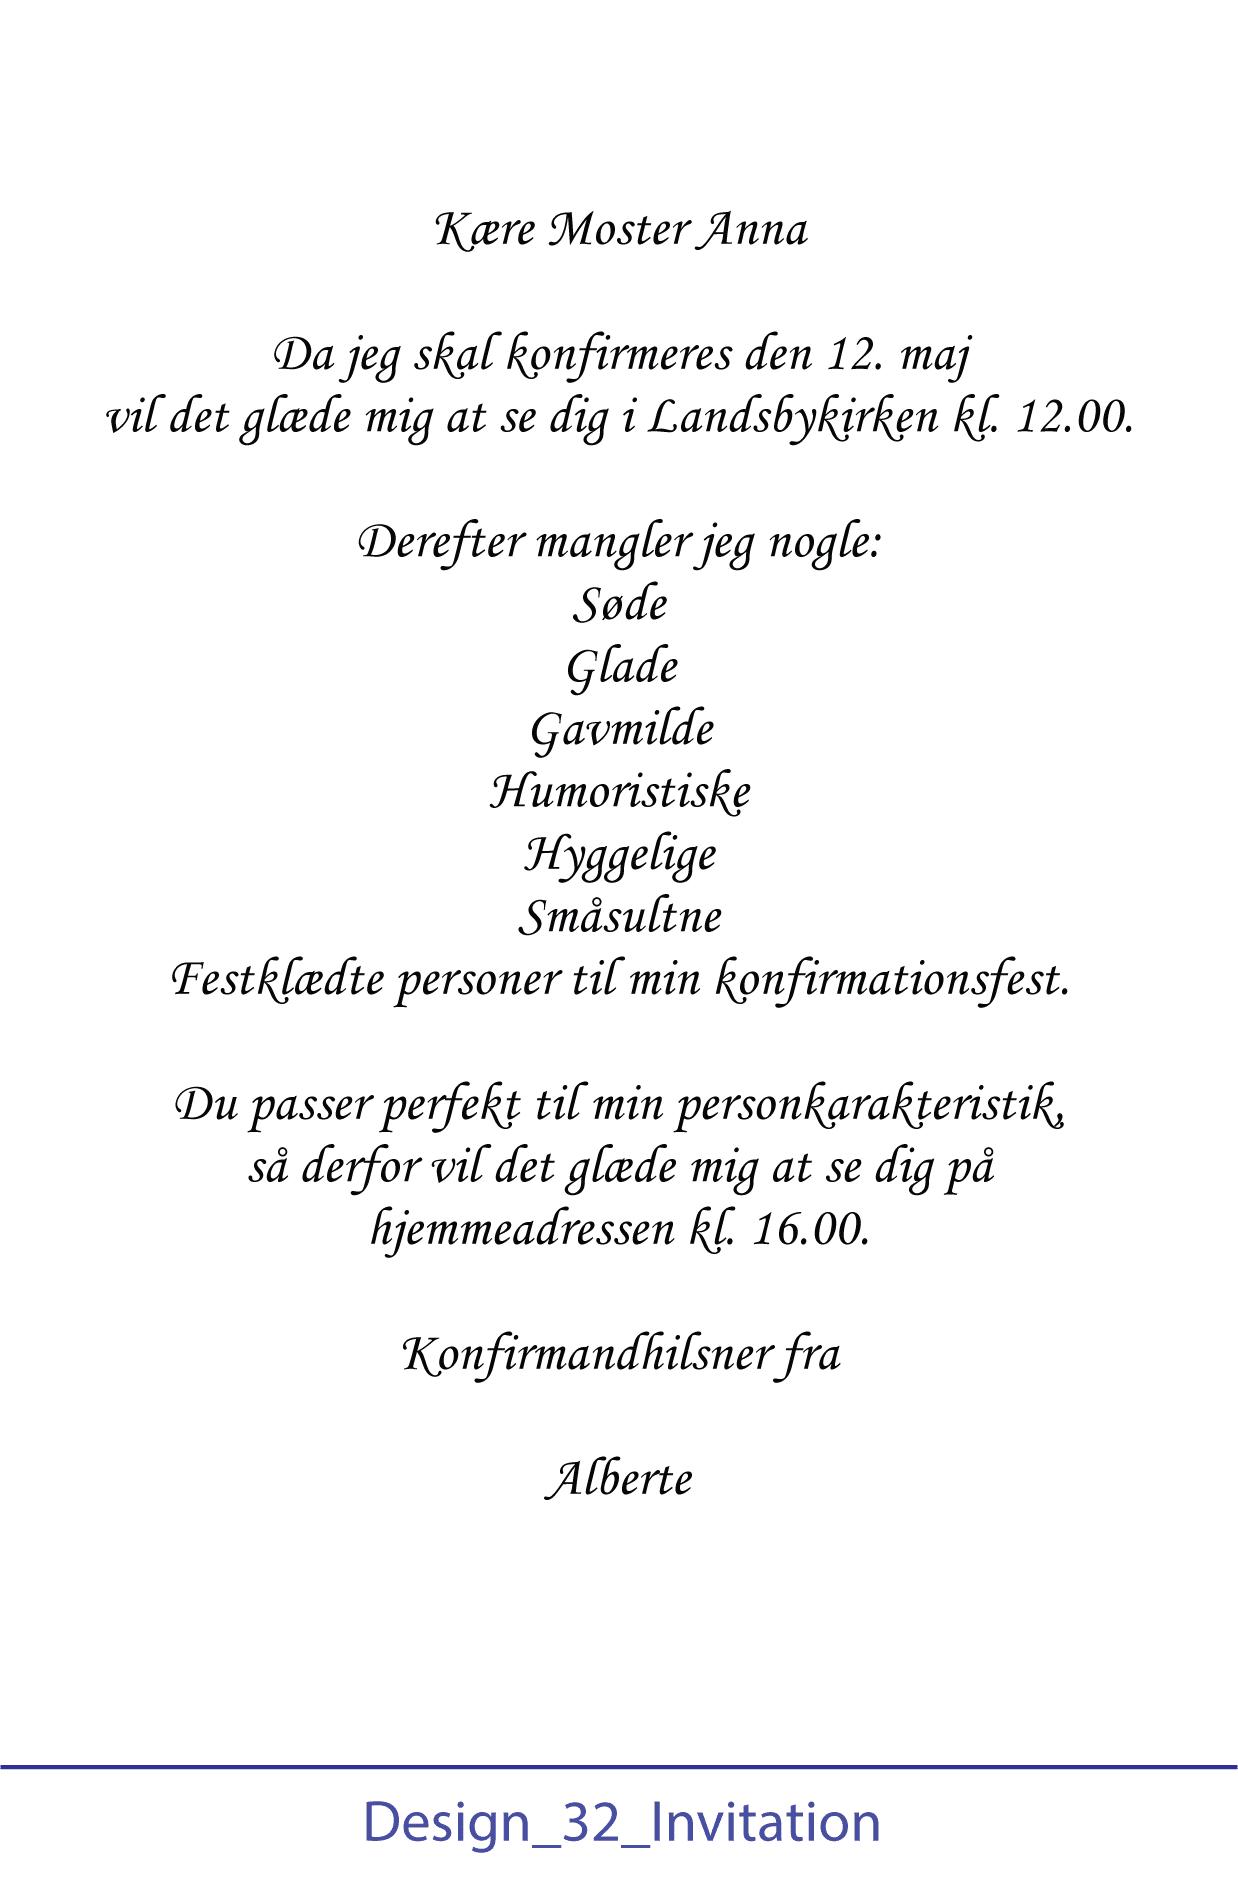 Opsætning af invitation til konfirmation - Design 32